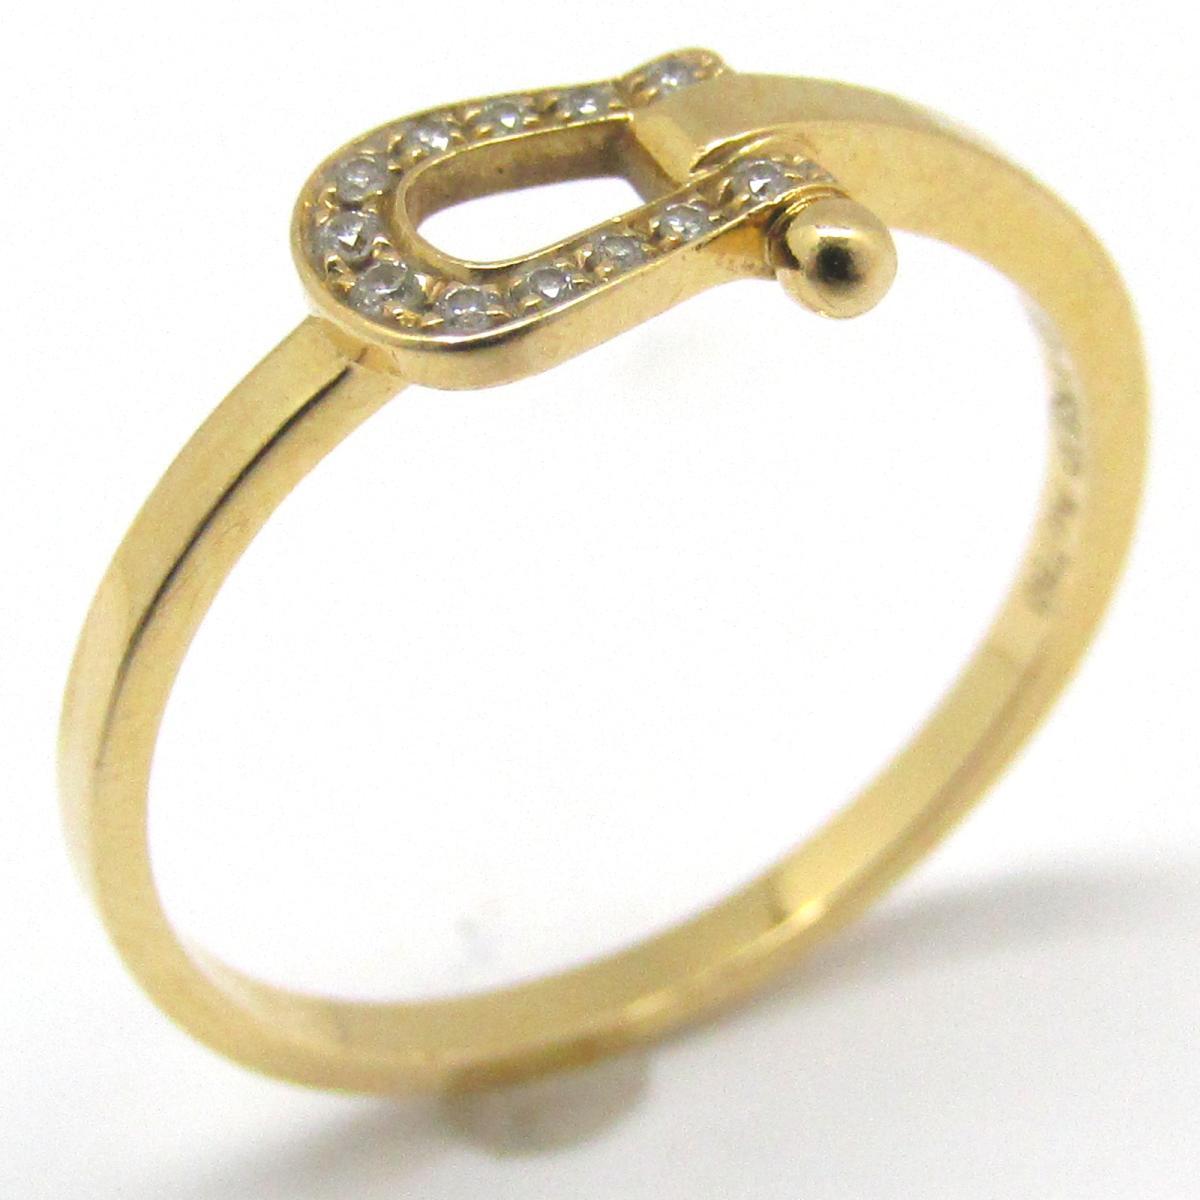 【中古】 フレッド フォース10 ミニ ダイヤモンド リング 指輪 レディース K18YG (750) イエローゴールド x | FRED BRANDOFF ブランドオフ ブランド ジュエリー アクセサリー